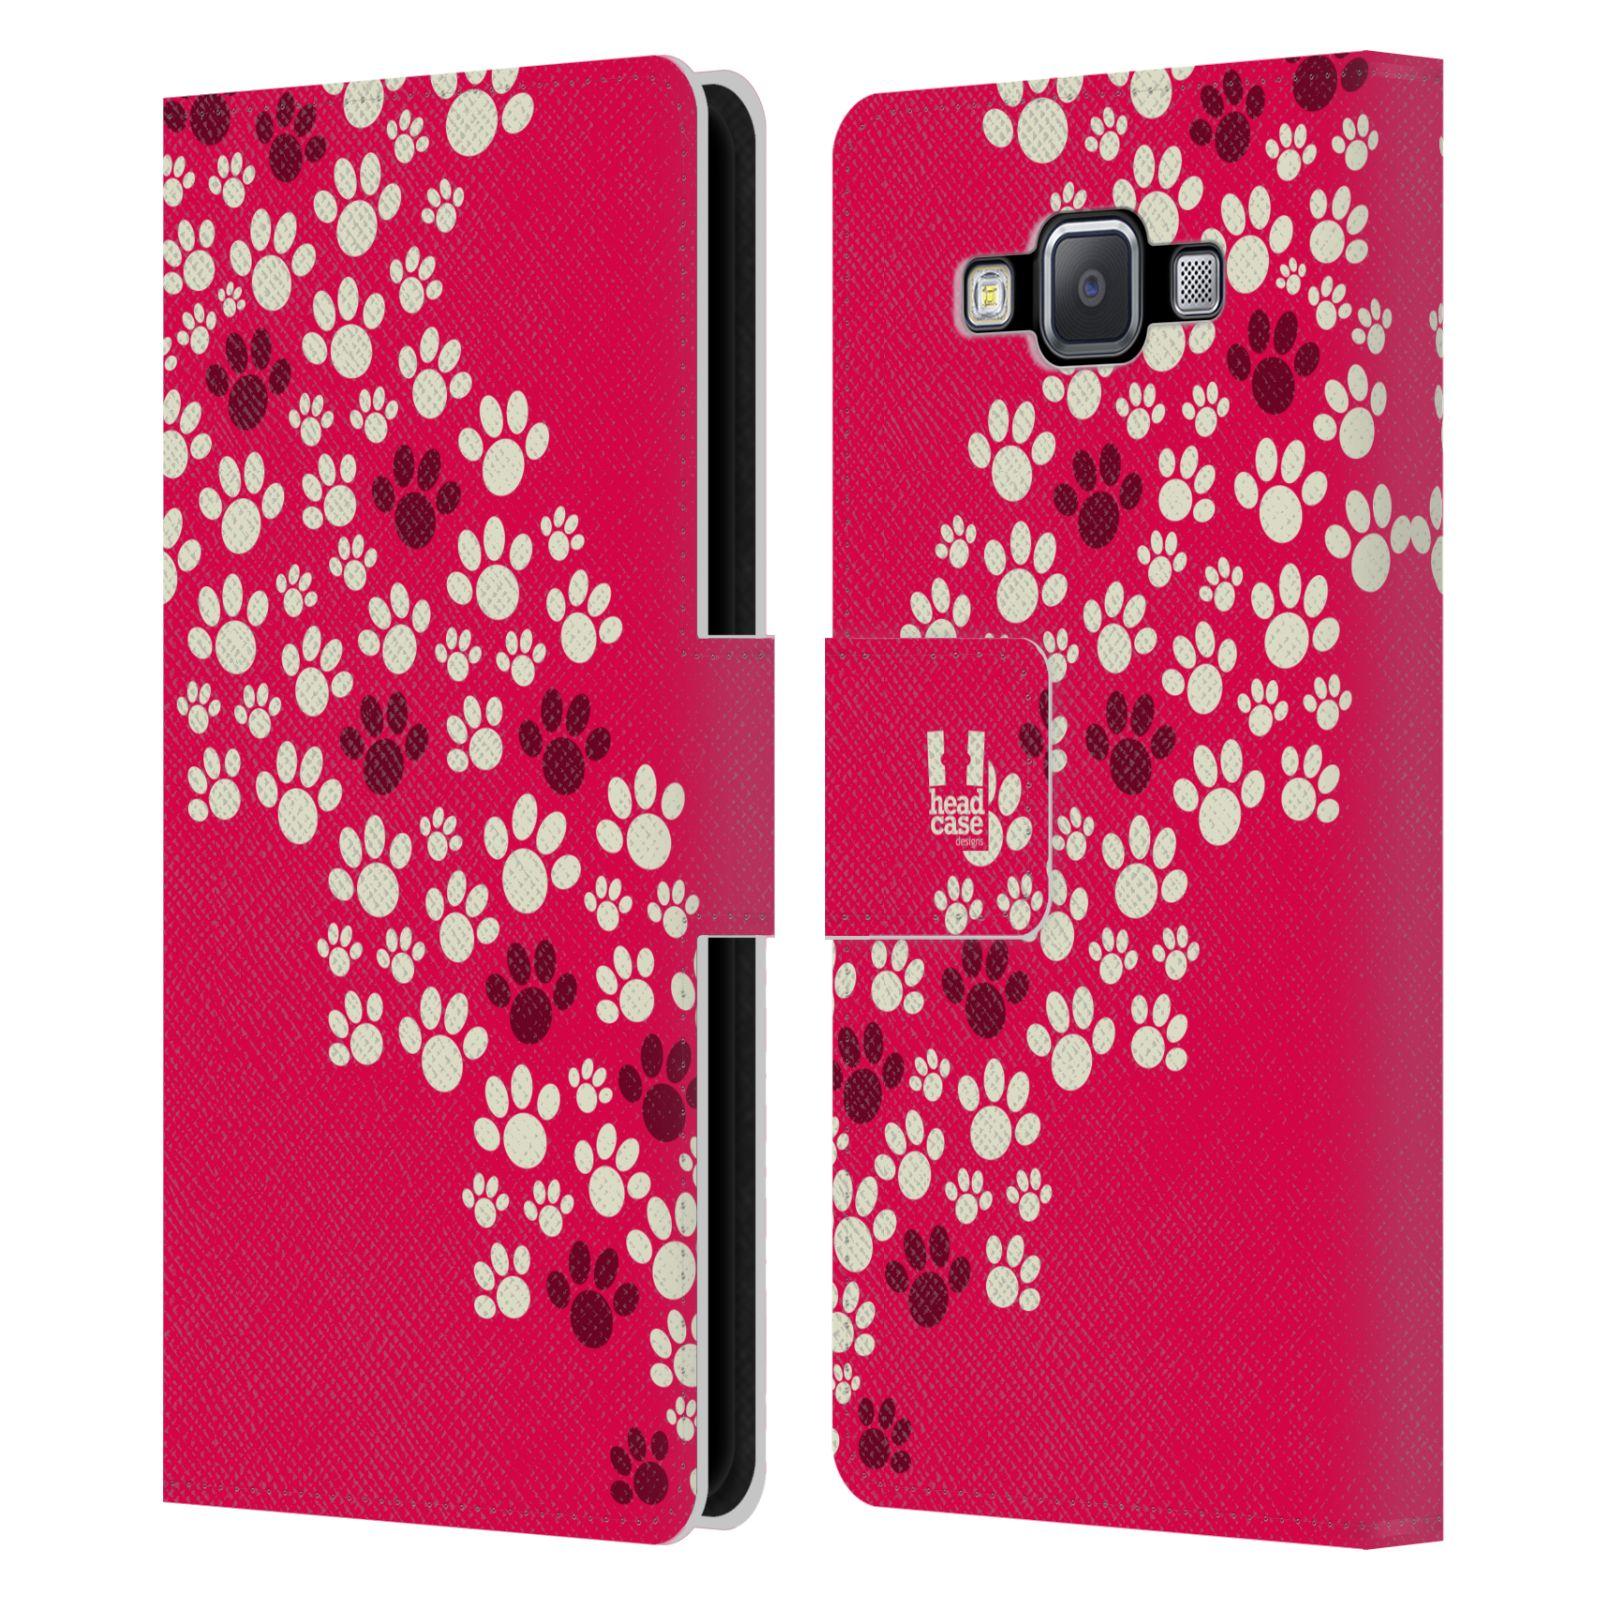 HEAD CASE Flipové pouzdro pro mobil Samsung Galaxy A5 Pejsek ťapky růžová barva